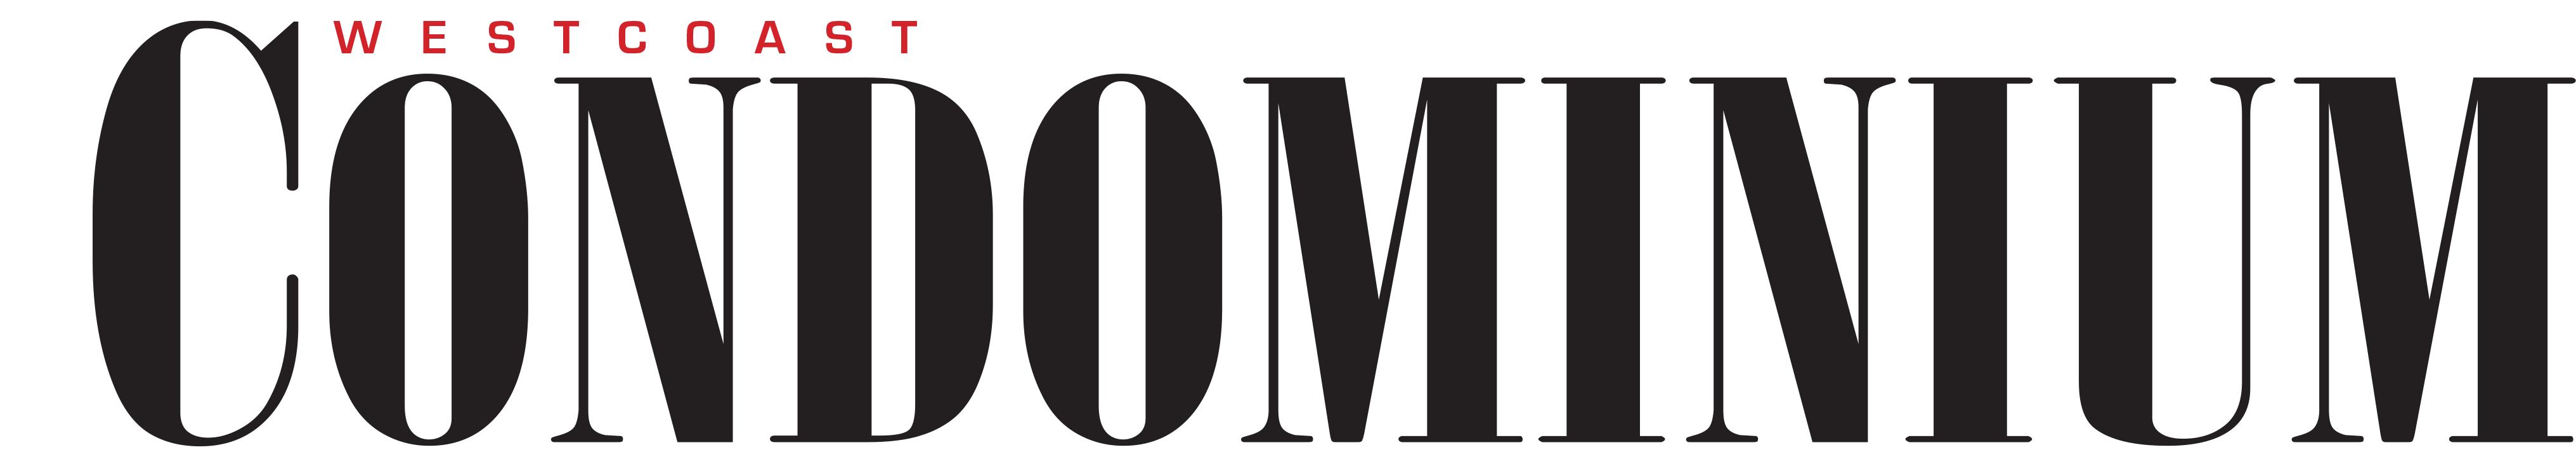 Westcoast Condominium Logo